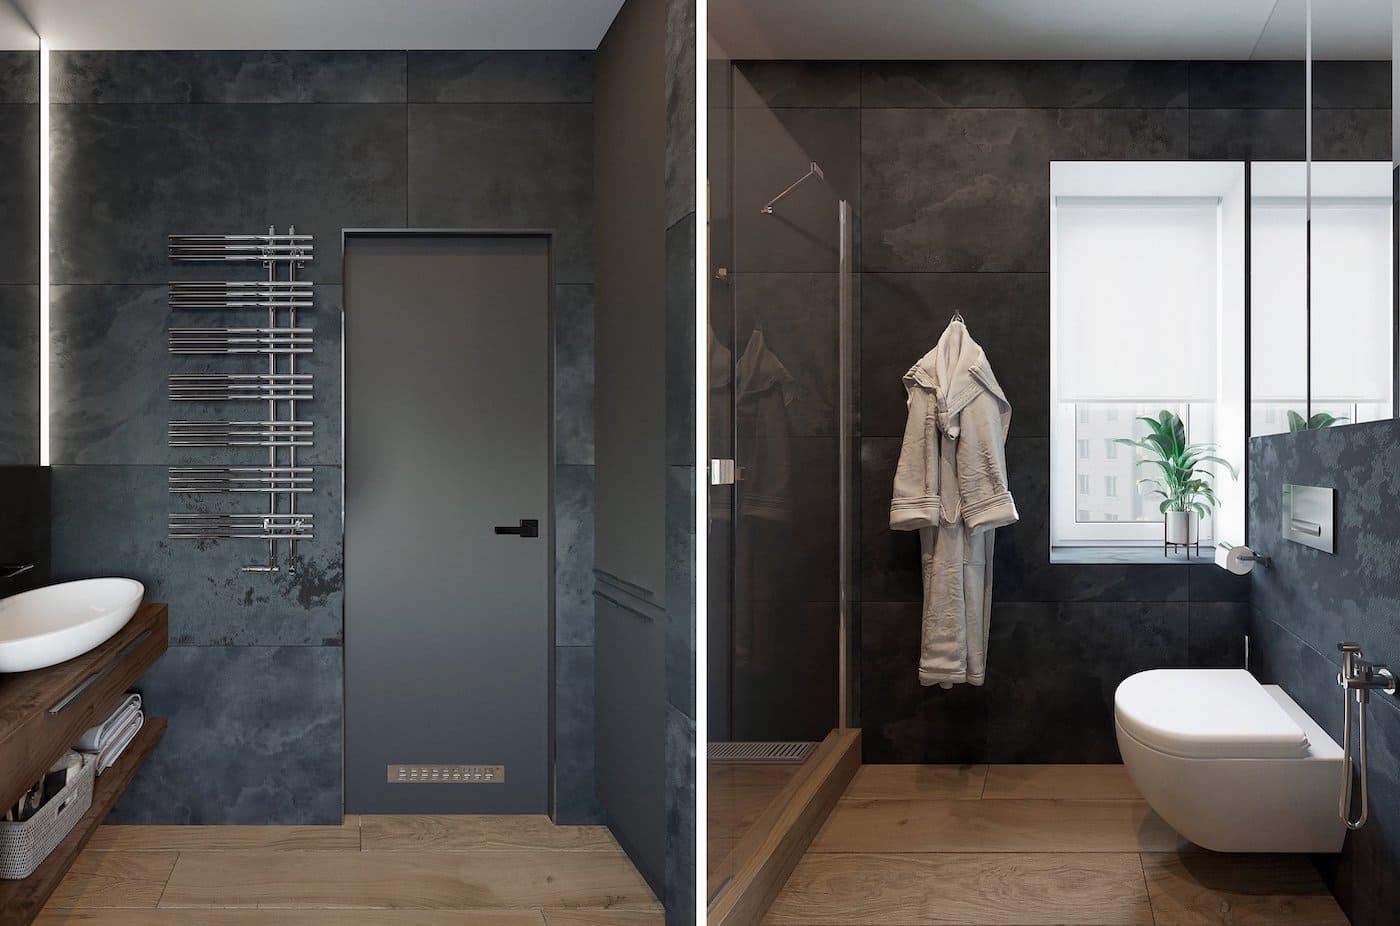 дизайн интерьера ванной комнаты фото 75